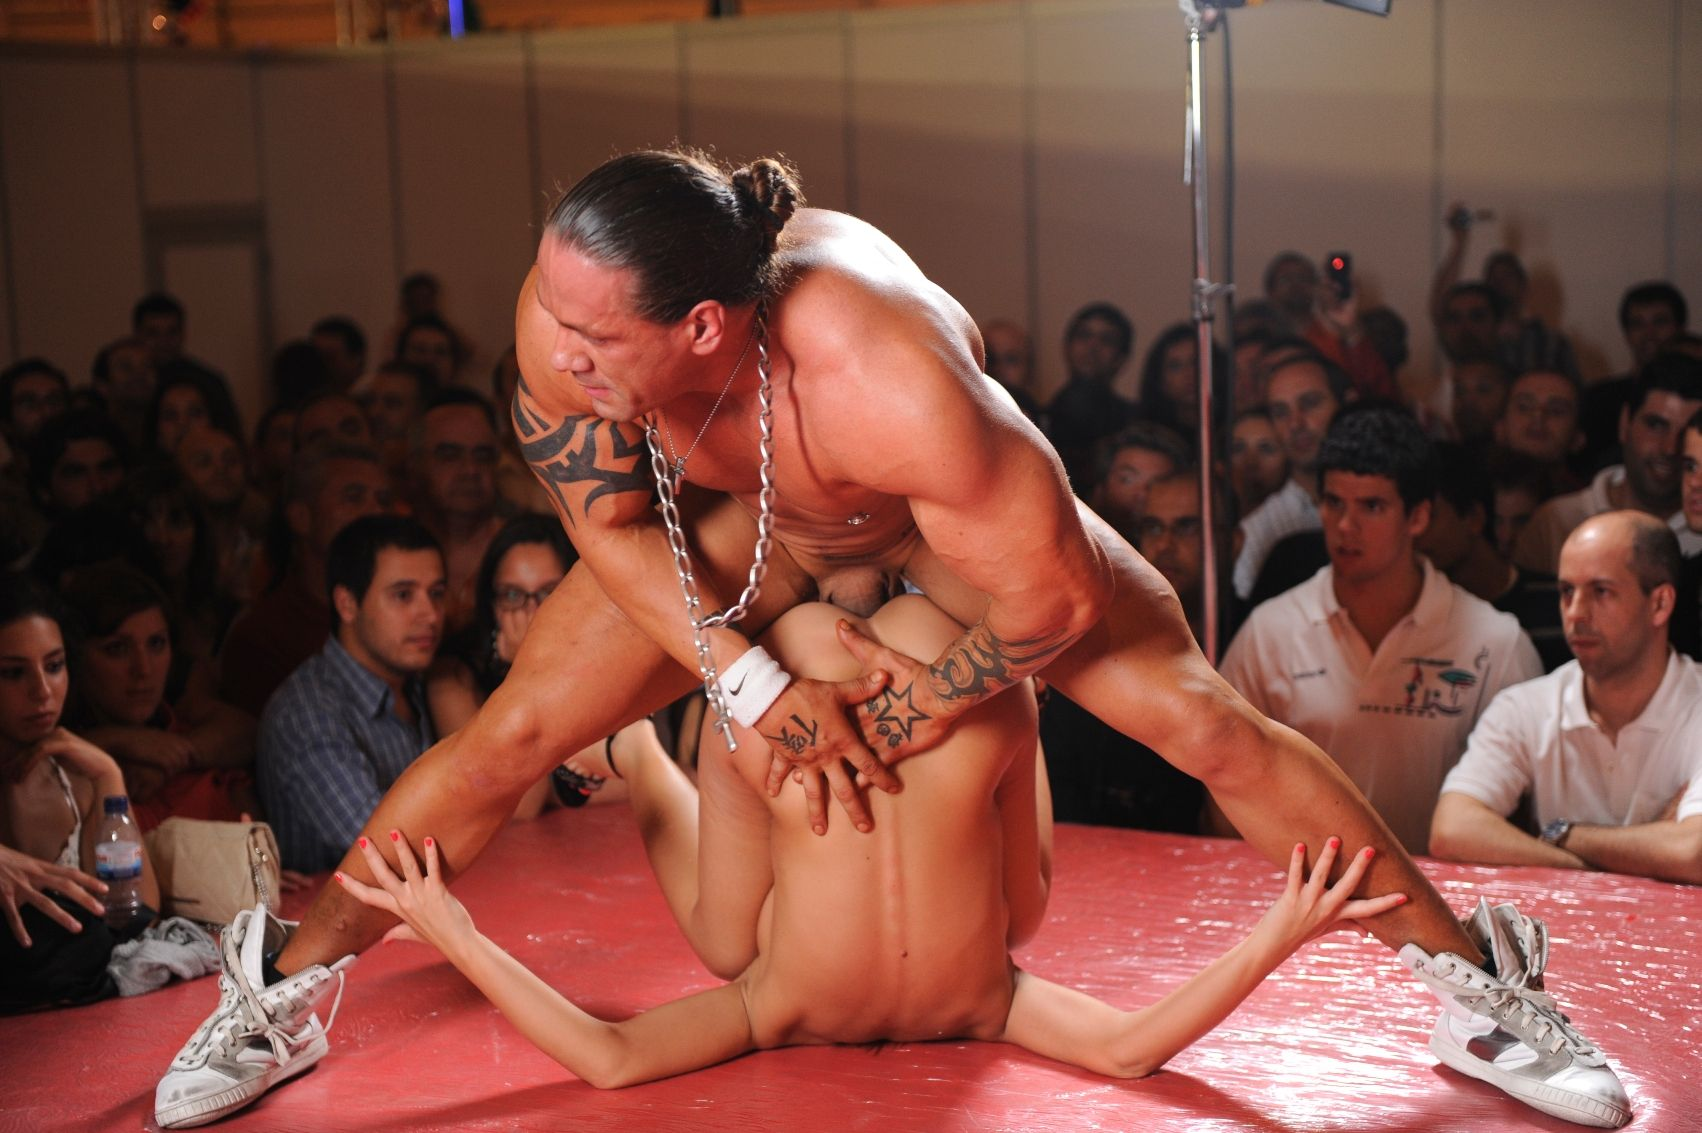 Секс шоу от порно звезд на сцене смотреть онлайн бесплатно 26 фотография